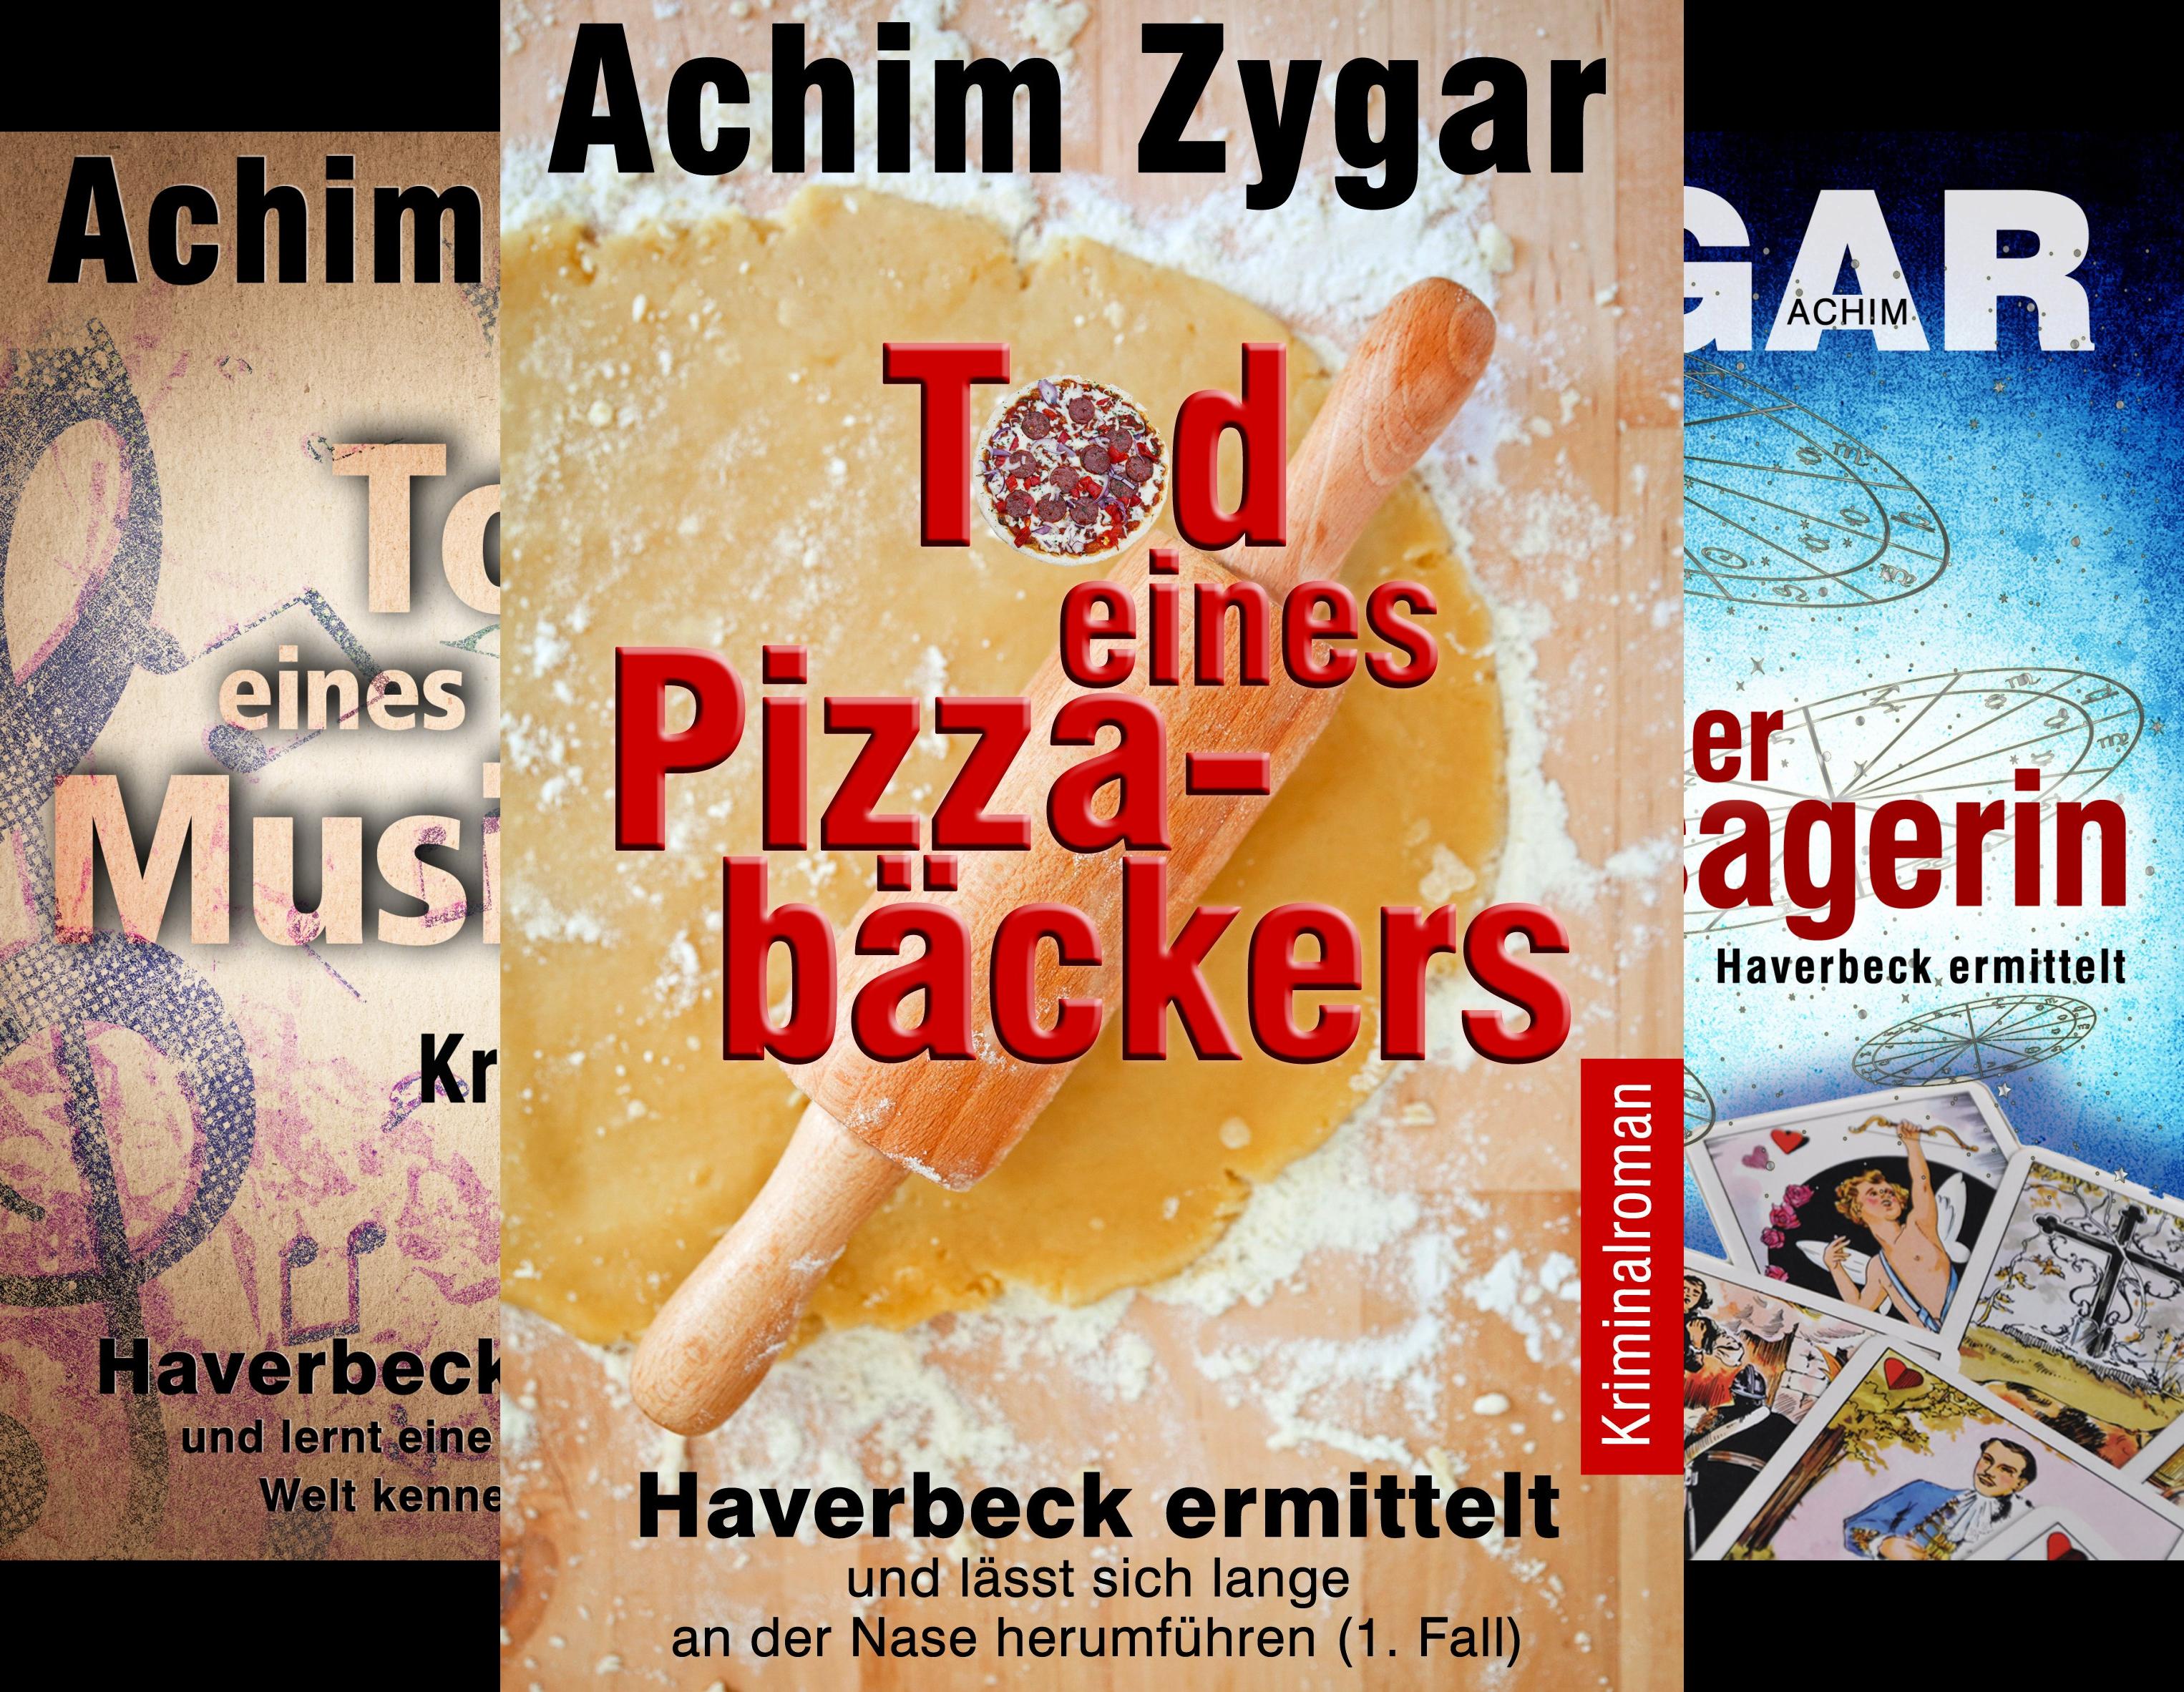 Haverbeck ermittelt (Reihe in 6 Bänden)